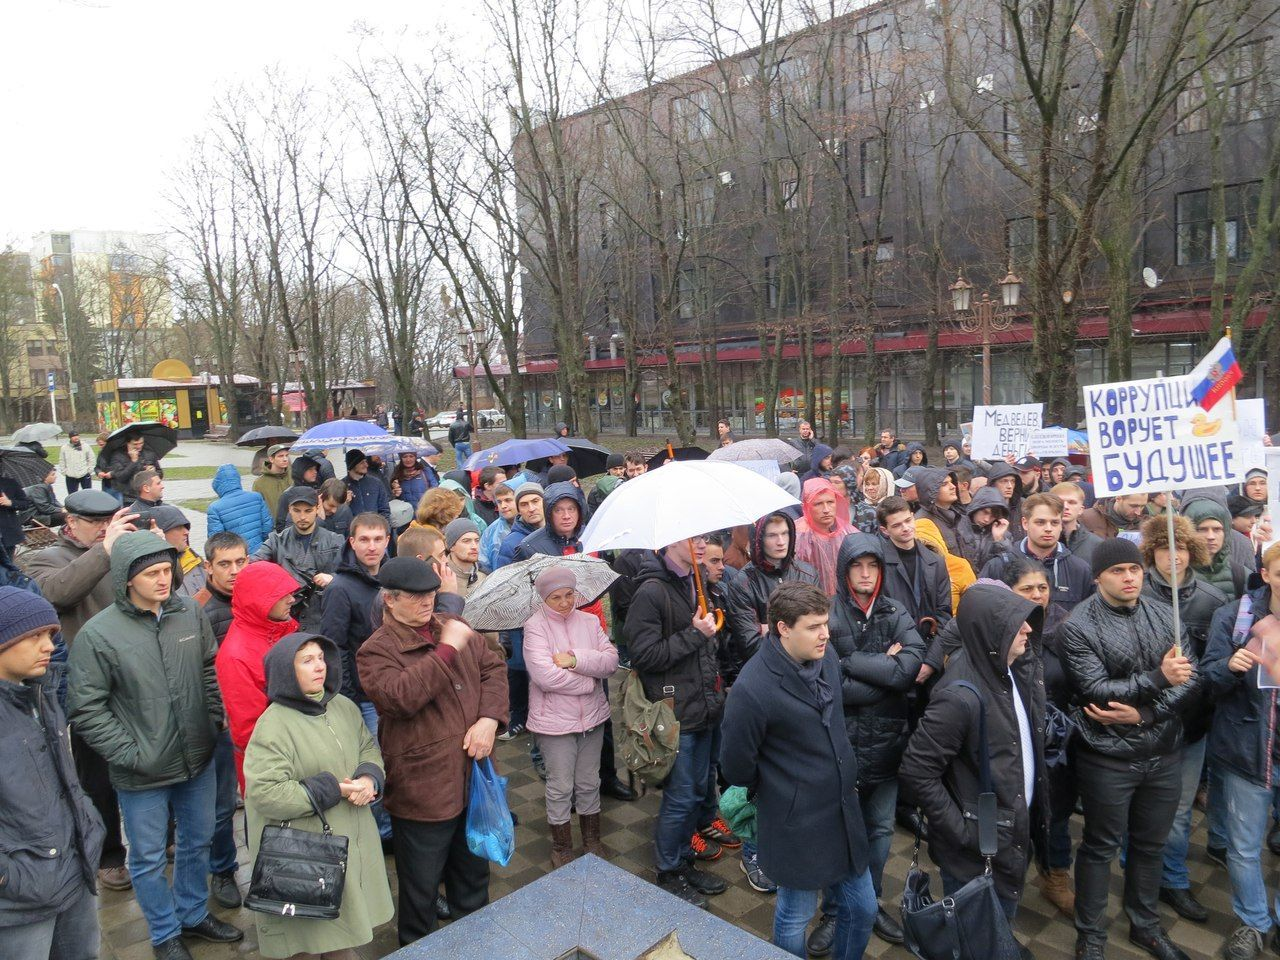 Пикет против коррупции в Ставрополе прошёл мирно, задержанных нет